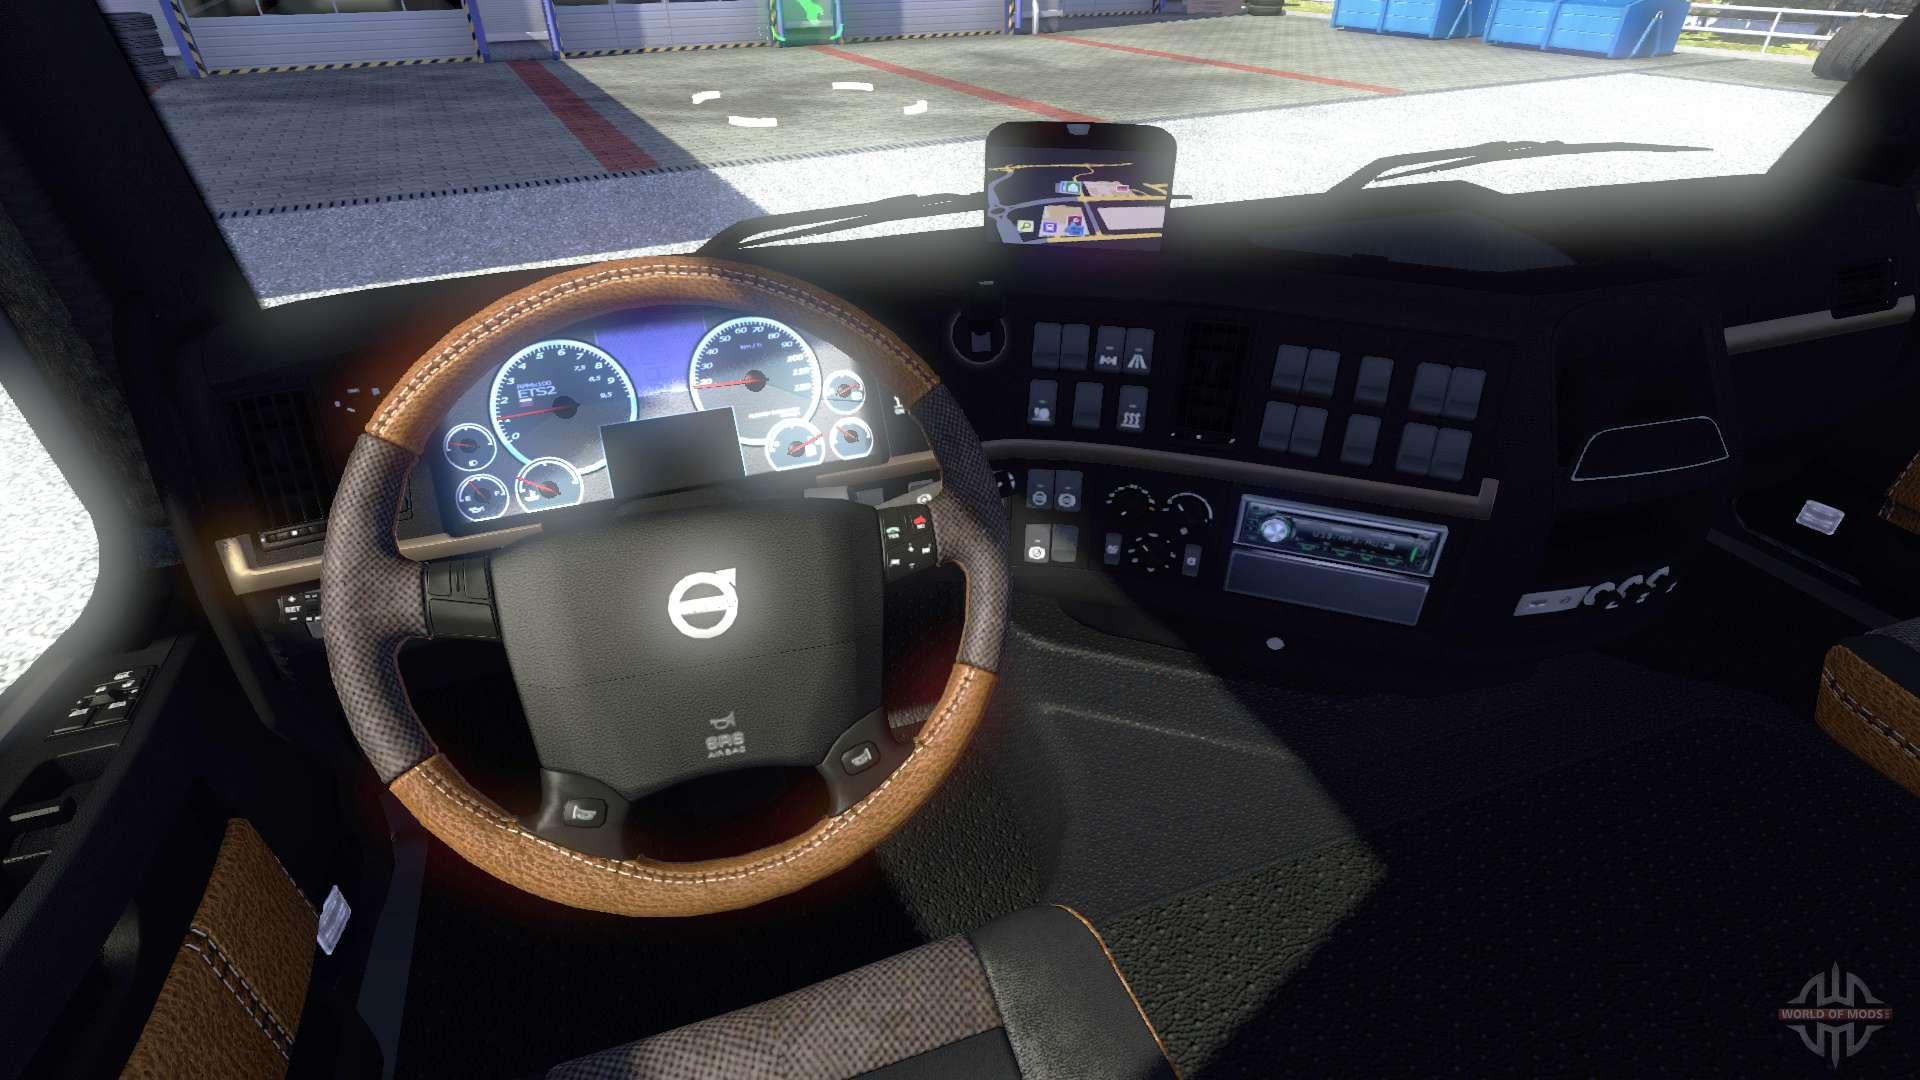 New interior volvo for euro truck simulator 2 for New interior